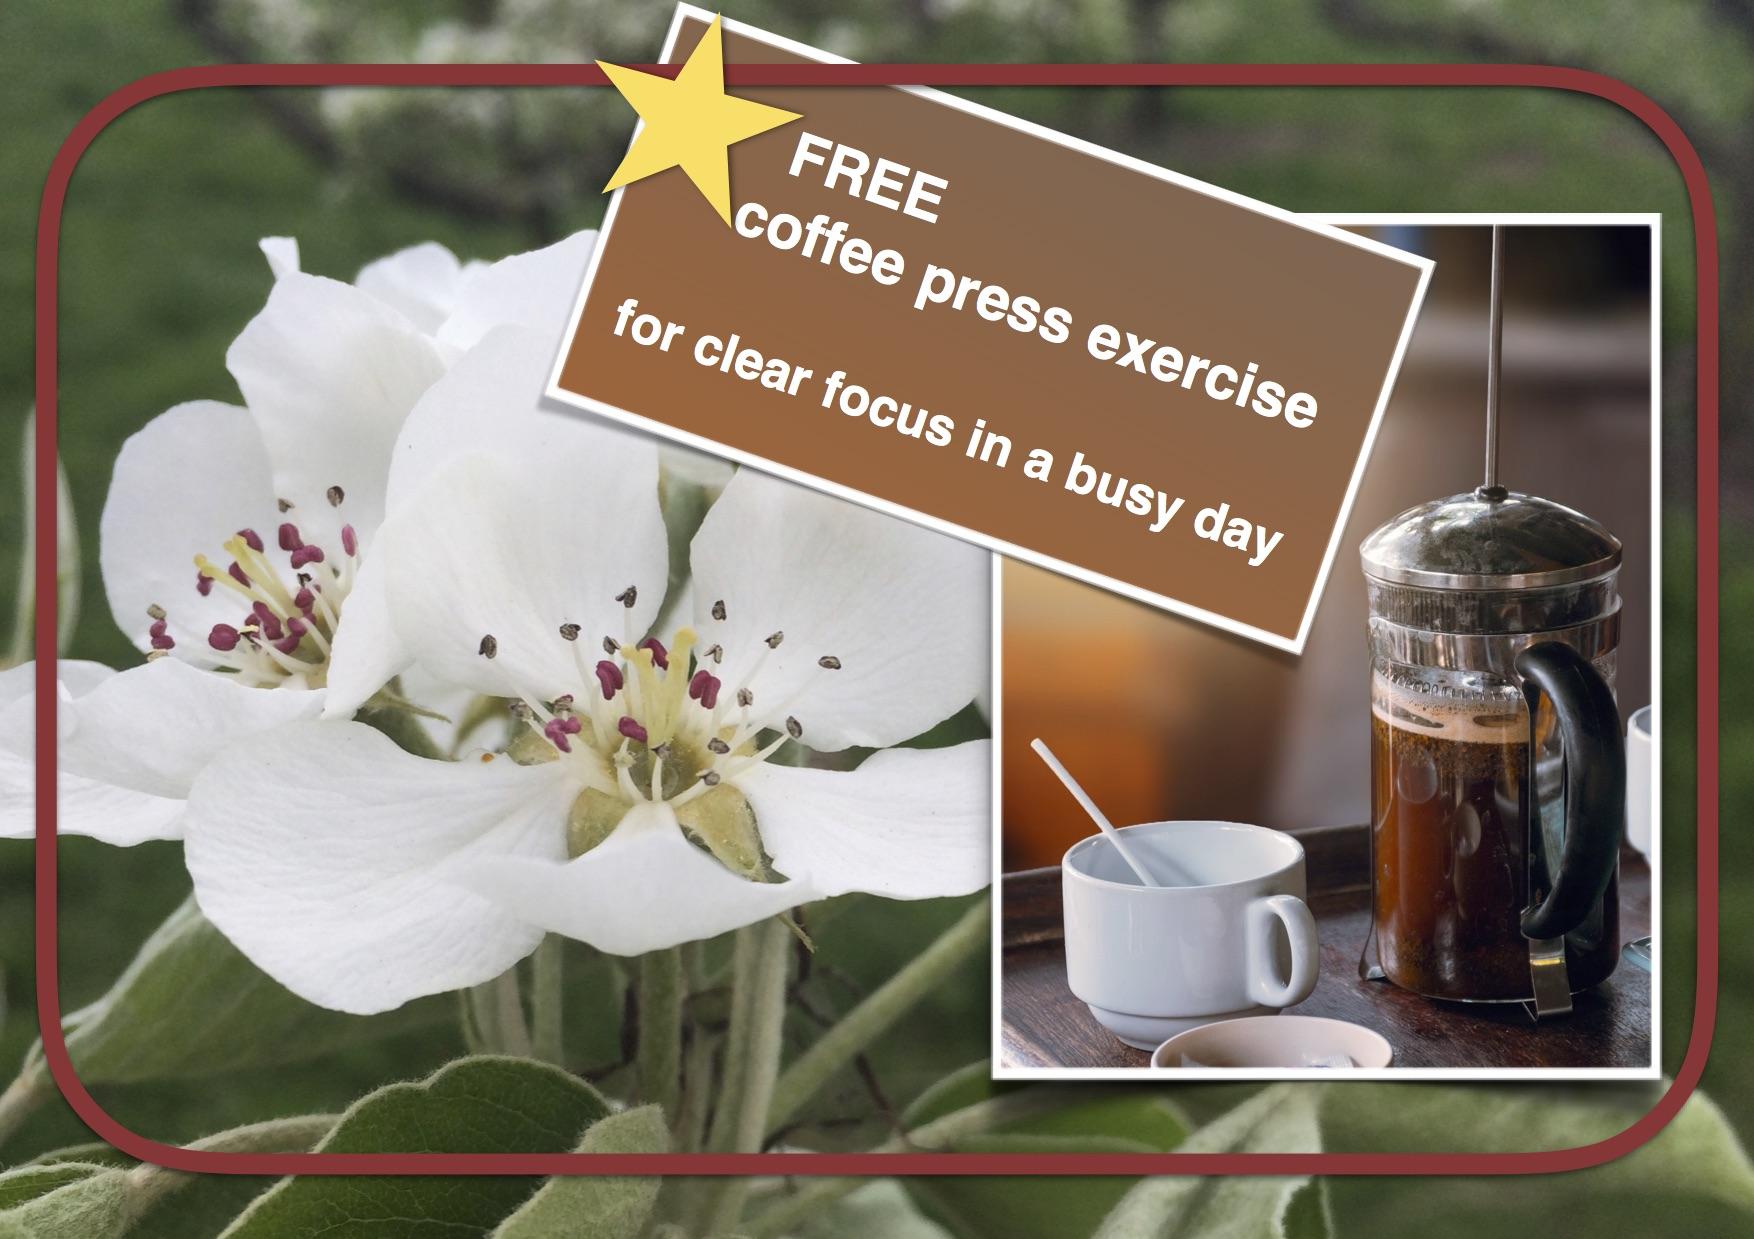 Coffee Press Exercise